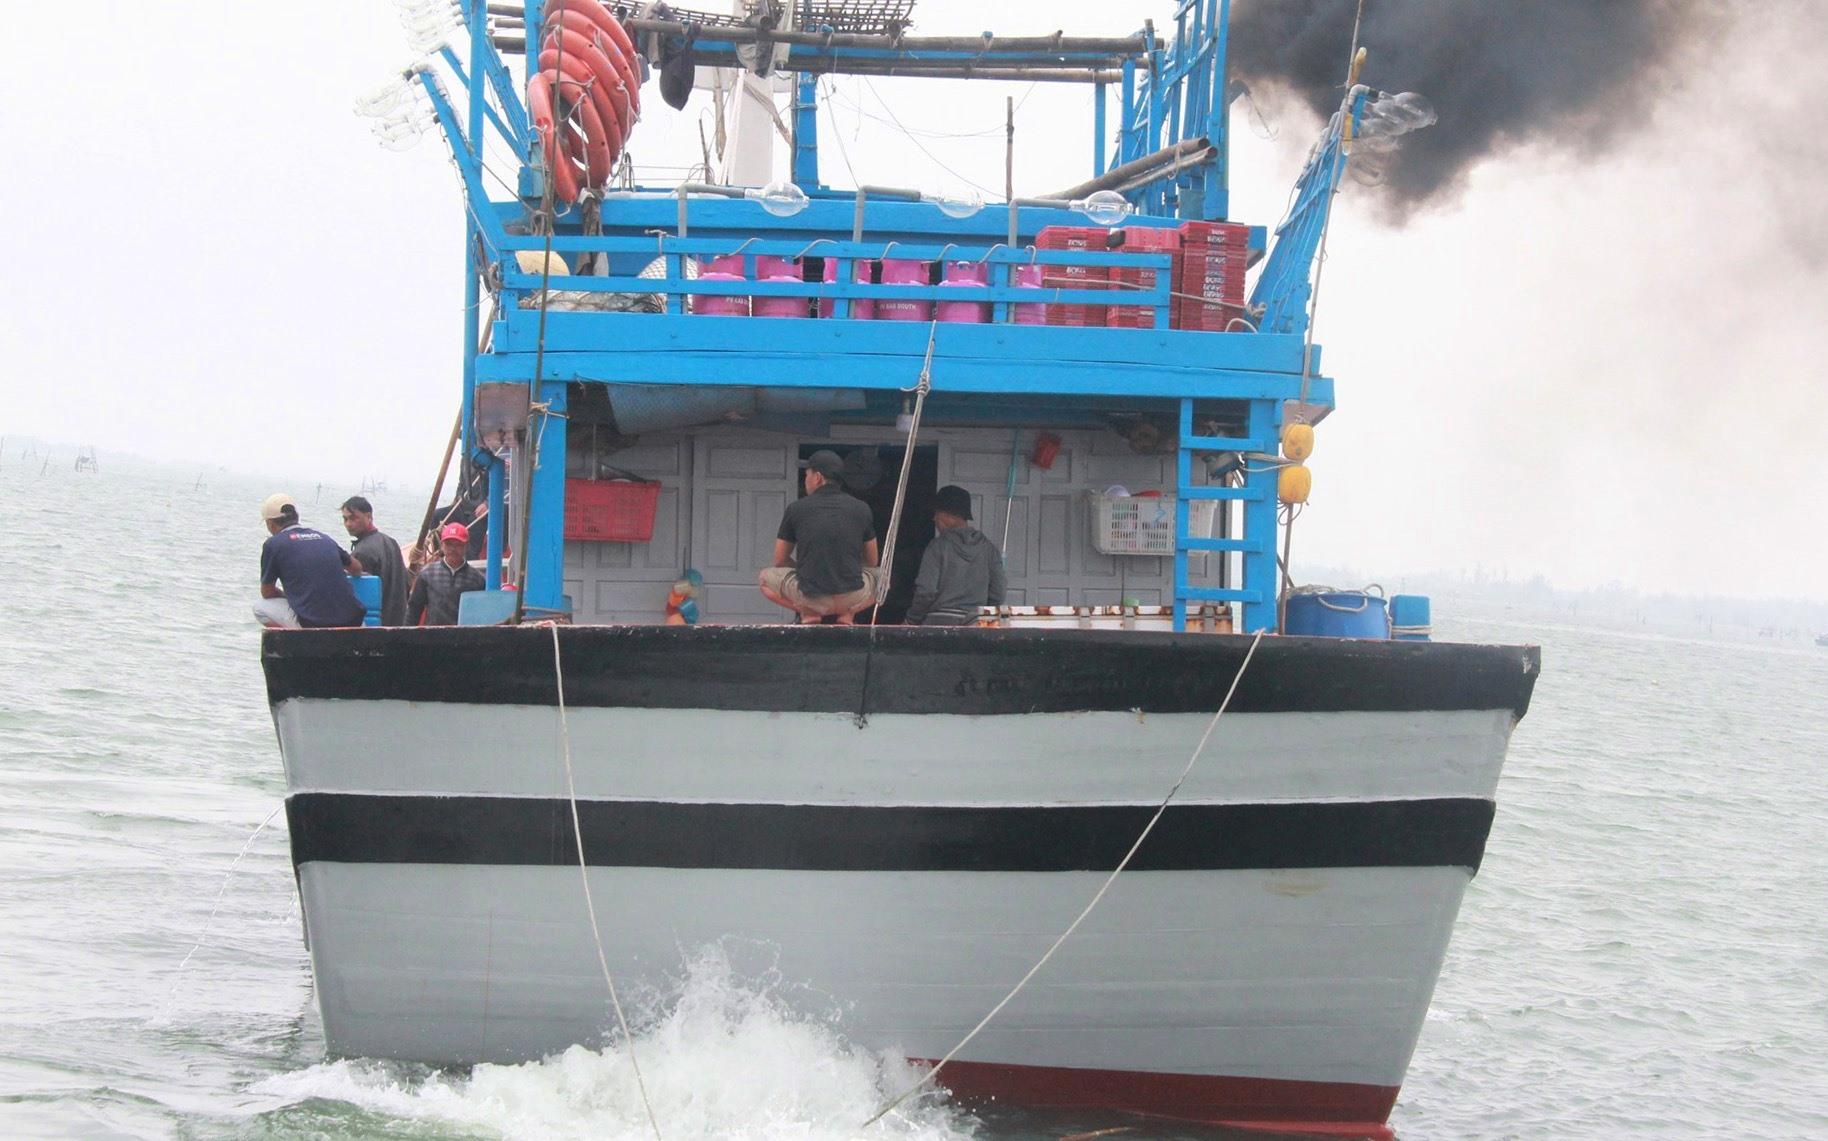 Con tàu hướng thẳng ra biển cho chuyến đánh bắt cuối năm. Ảnh: TRÚC TRẦN